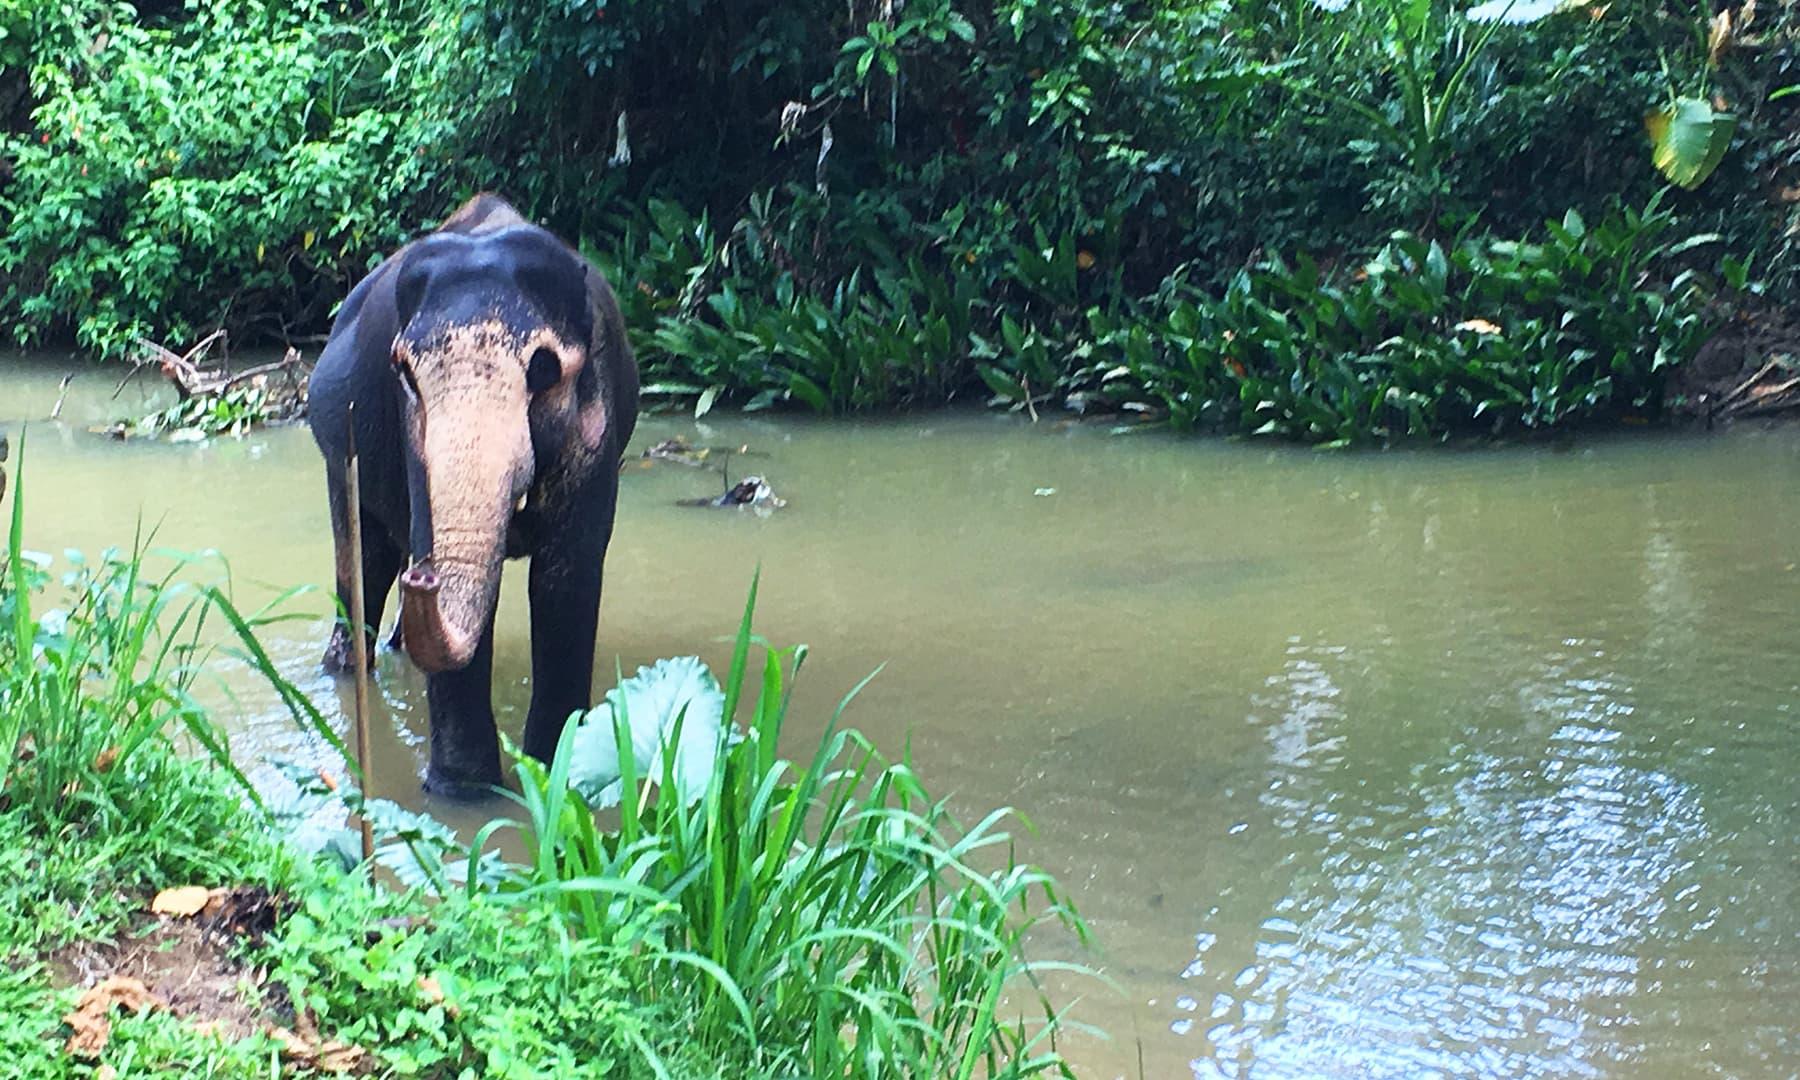 سری لنکا دنیا کا وہ واحد ملک ہے جس میں ایک ہی دن انسان ہاتھی اور بلیو ویلز دیکھ سکتا ہے—تصویر امتیاز احمد